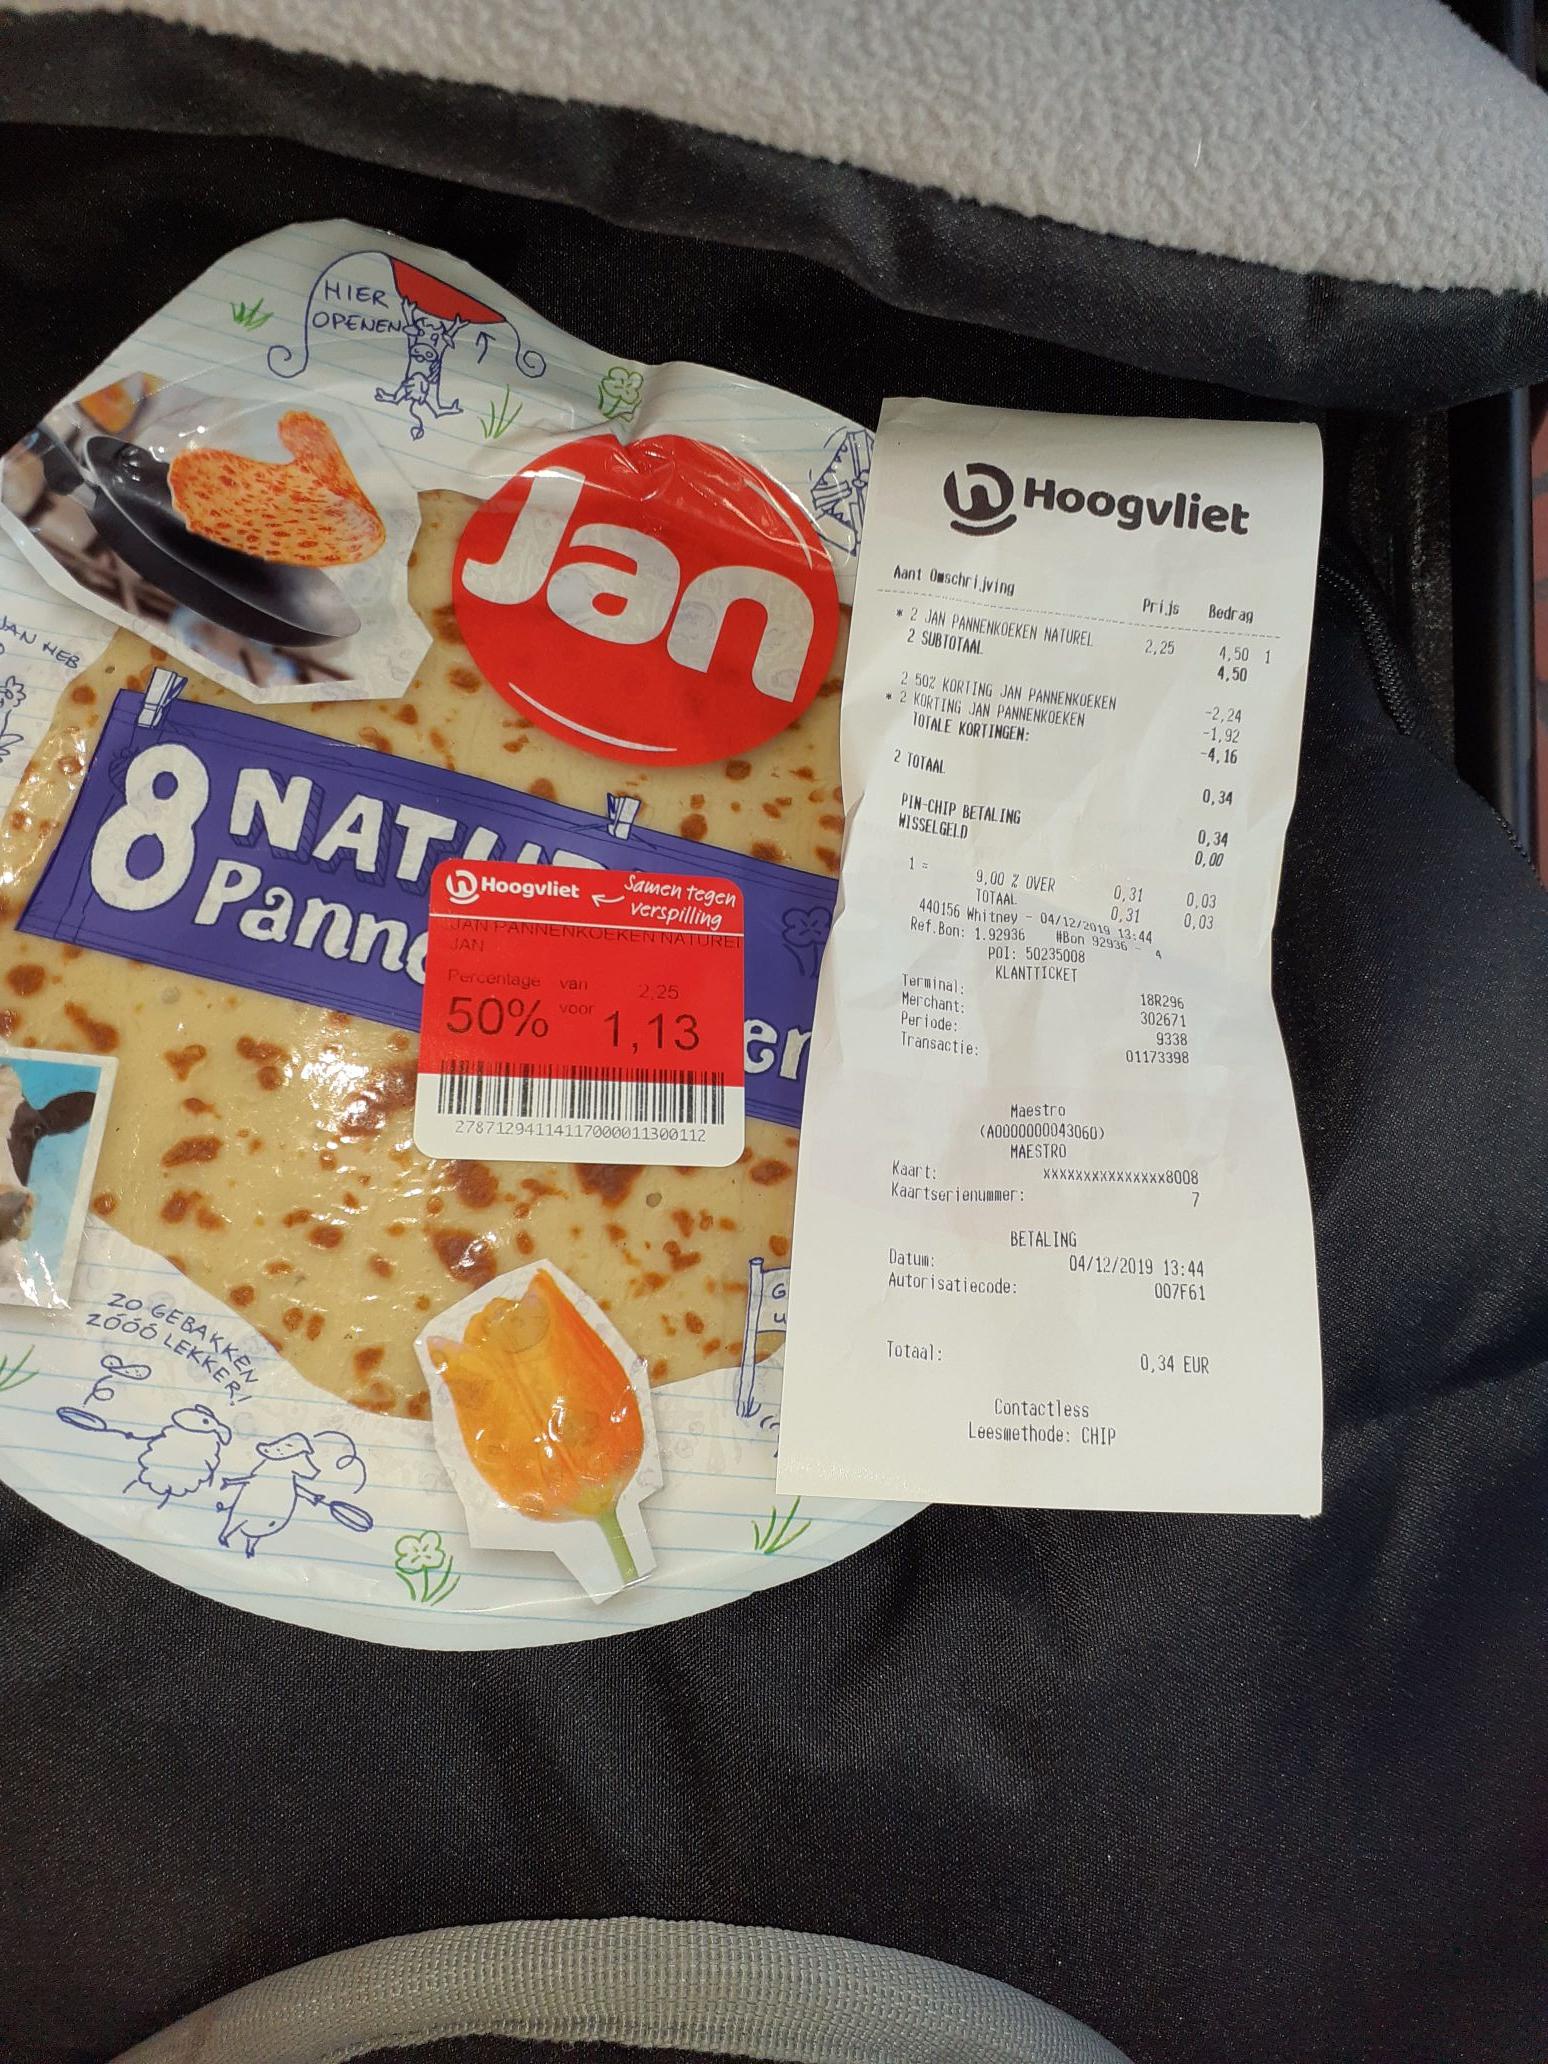 Jan Pannenkoeken €0.17 Hoogvliet [Lokaal?]